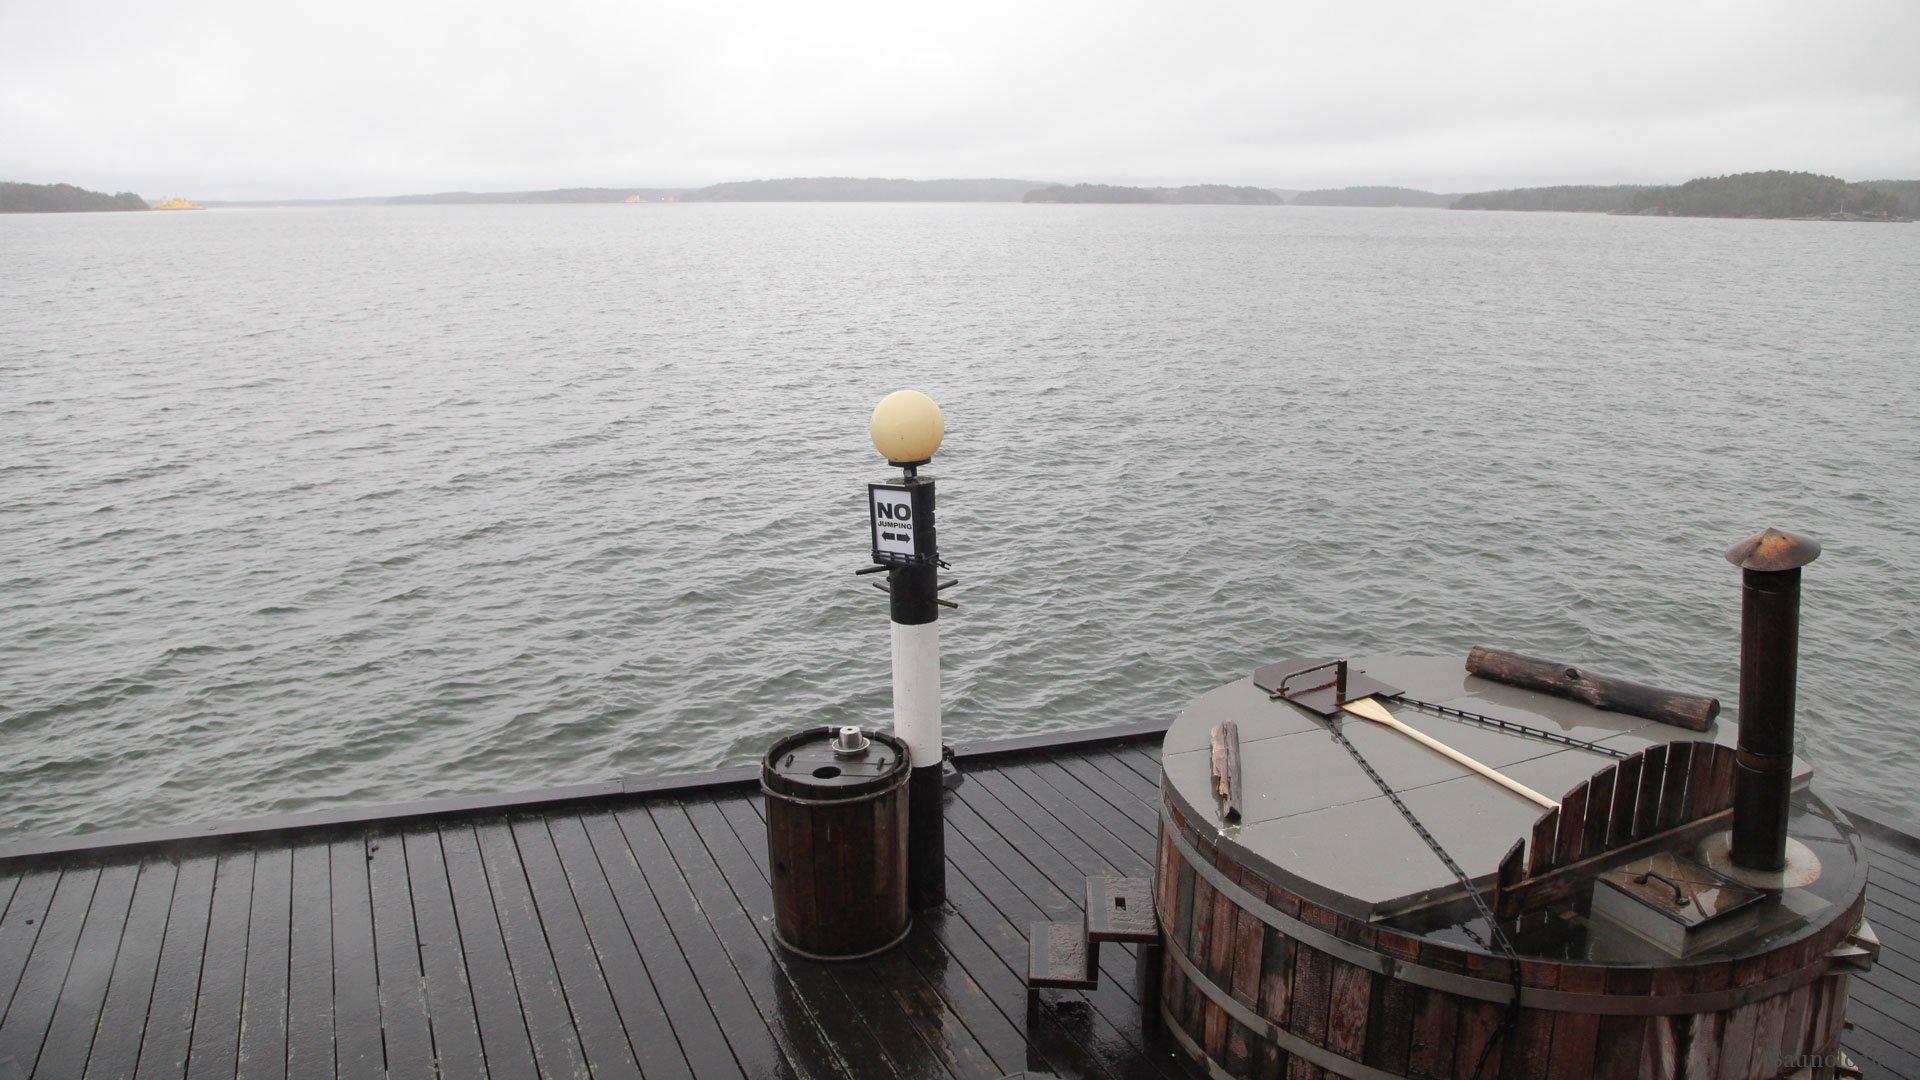 Snorkel Hot Tube paljussa kamina on vedessä